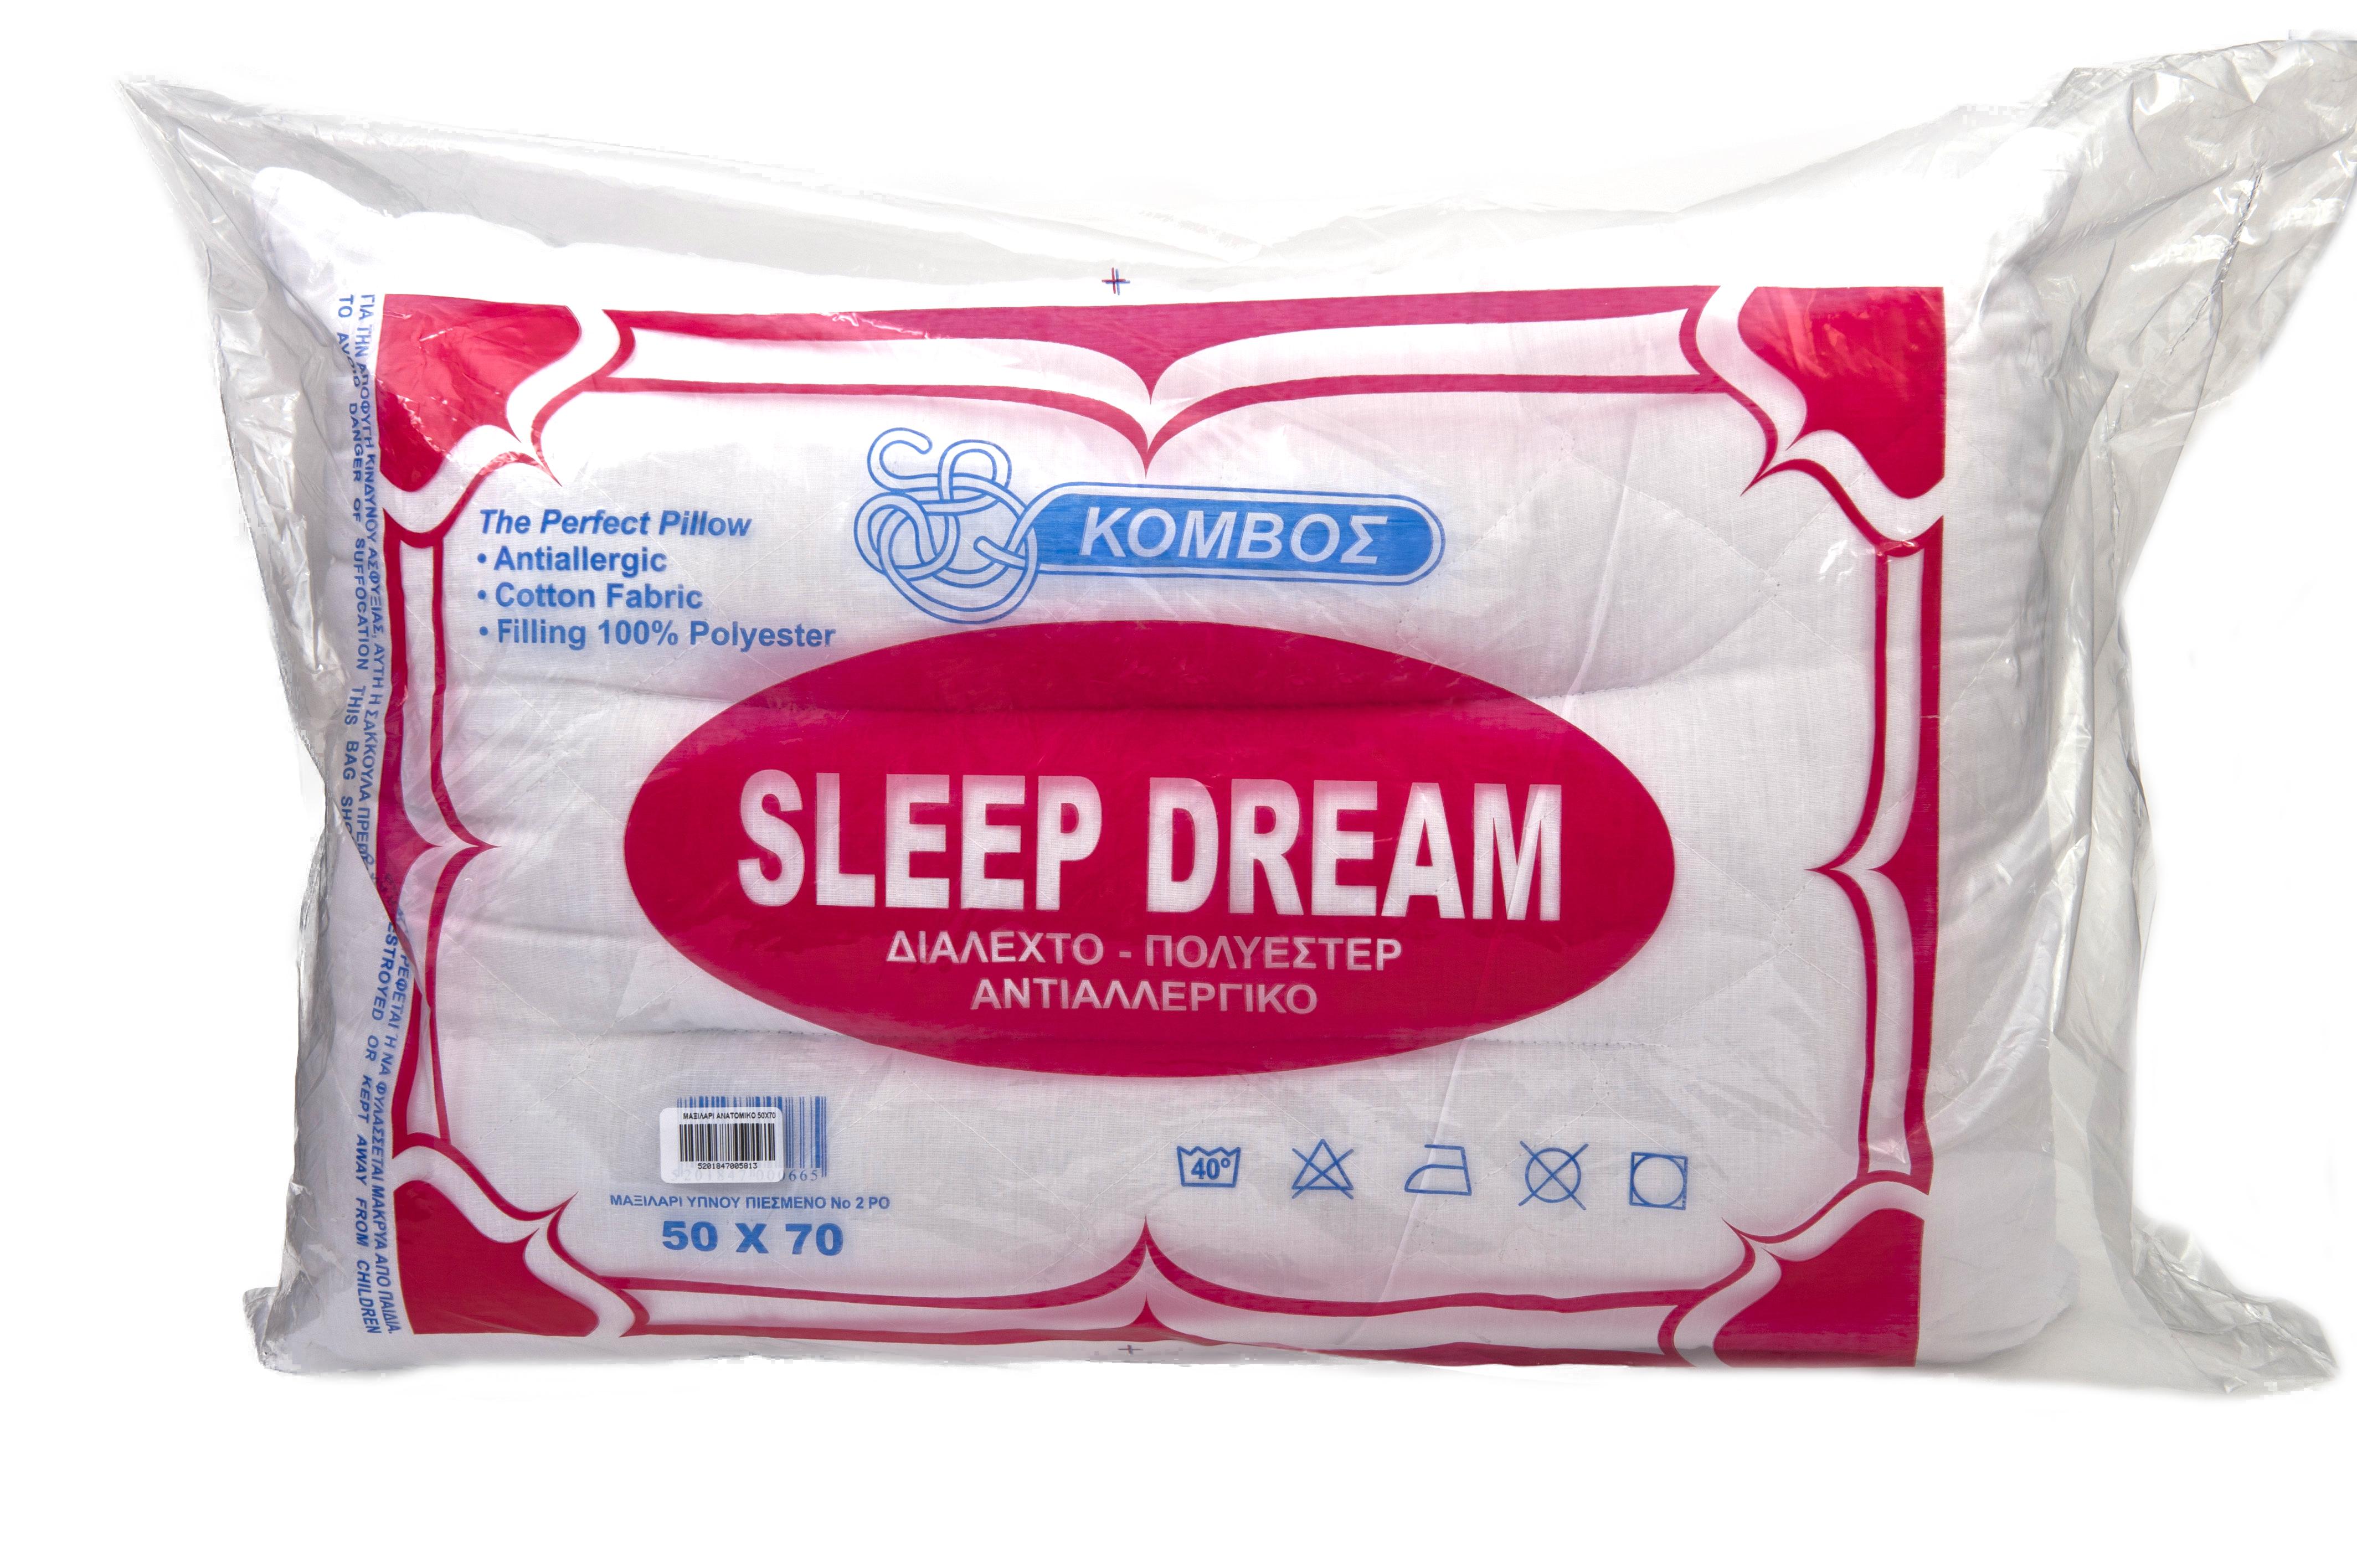 Μαξιλάρι Ύπνου Ανατομικό Λευκό 50x70εκ. - KOMVOS HOME - anatomiko λευκα ειδη υπνοδωμάτιο μαξιλάρια